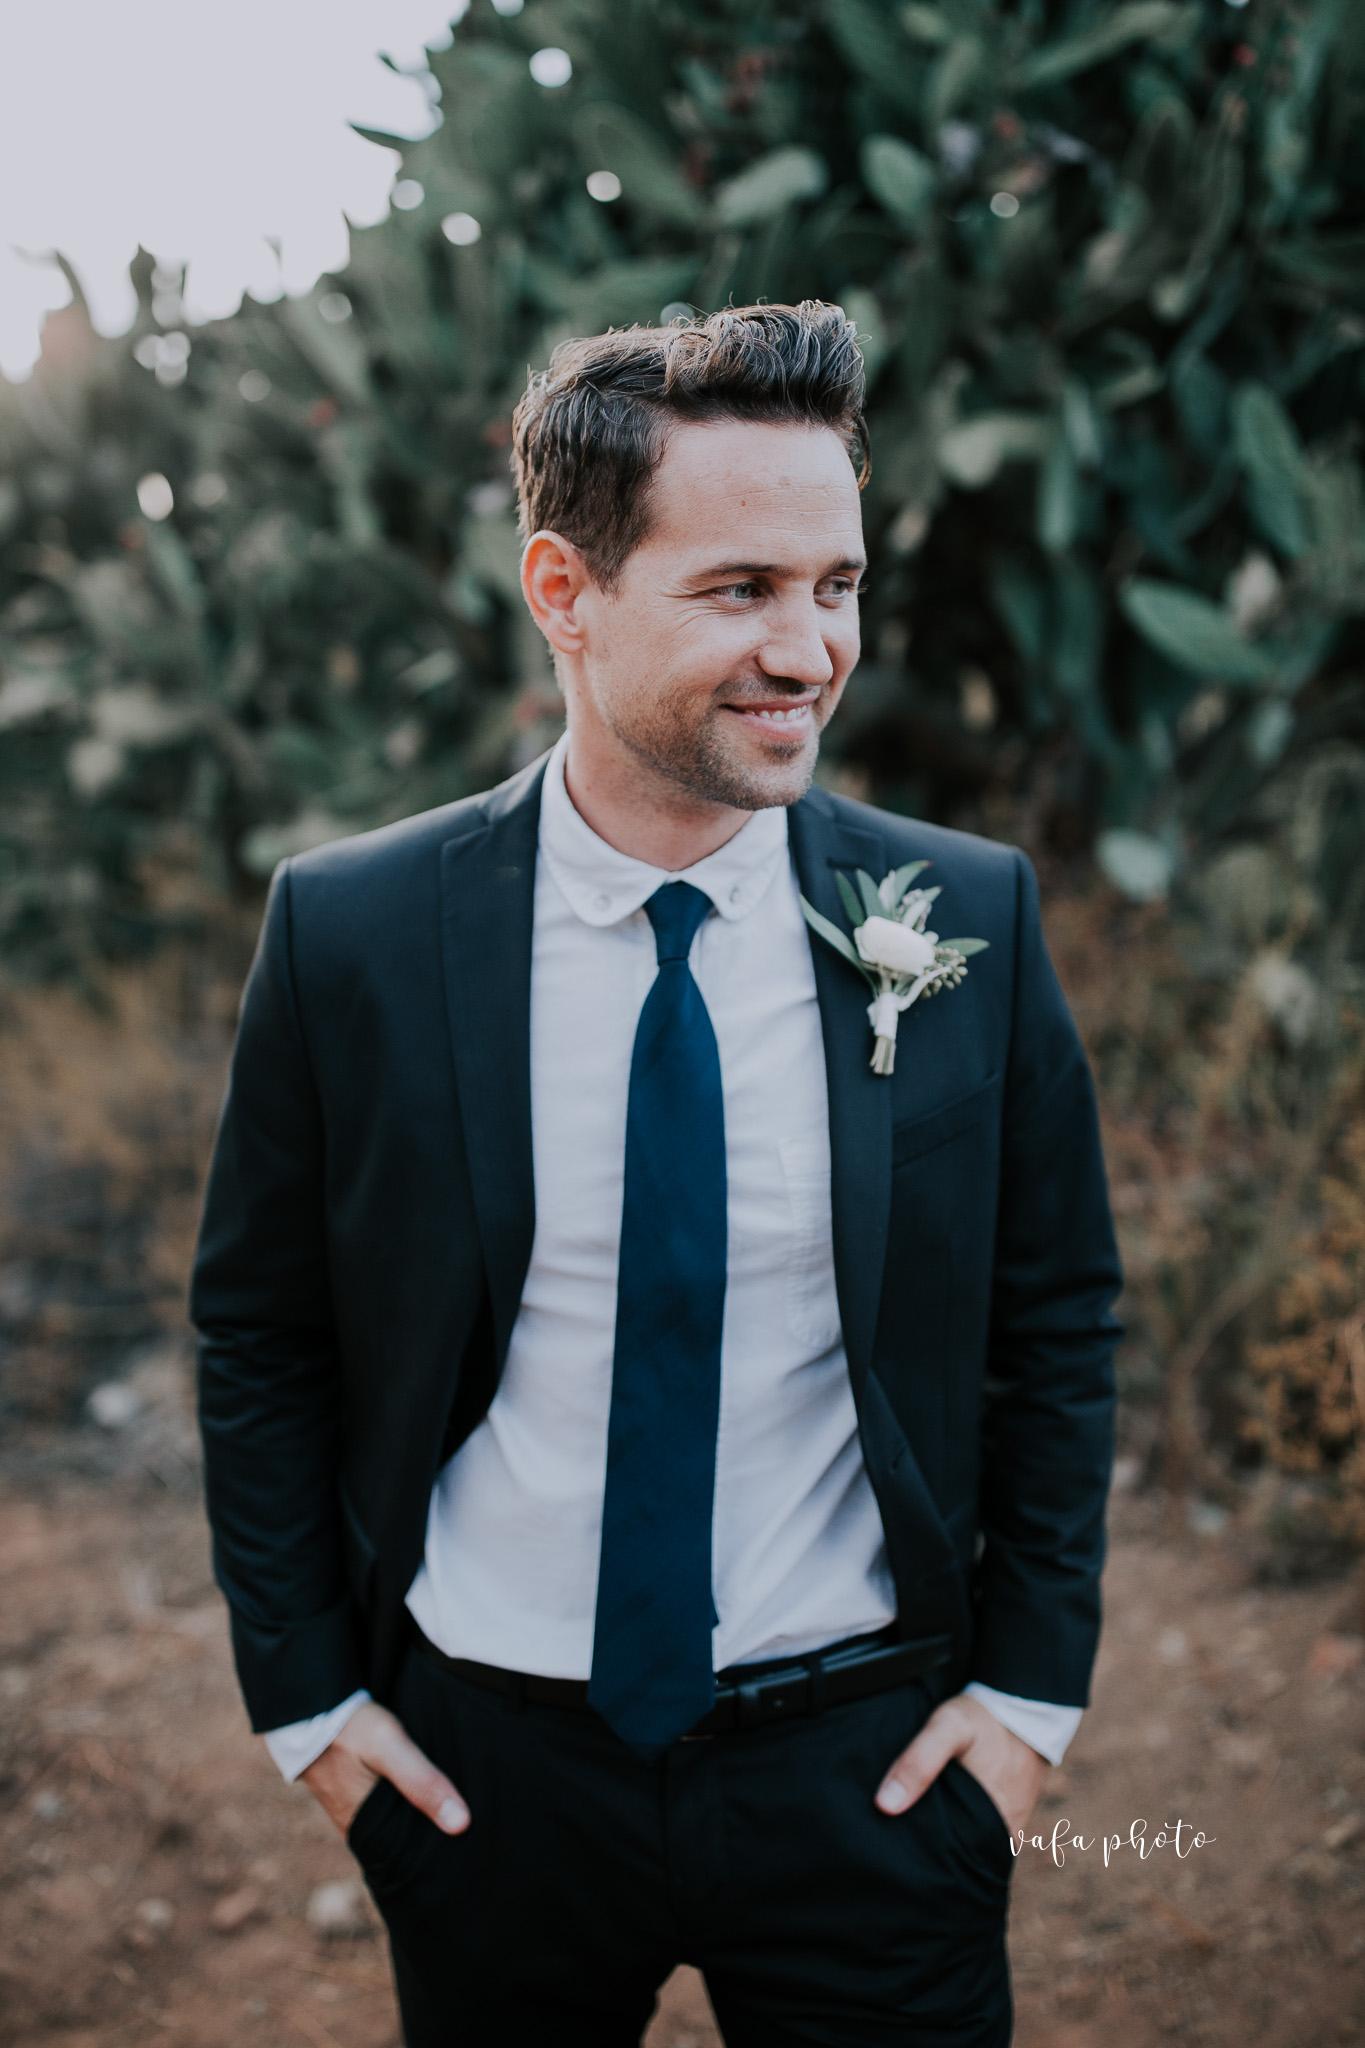 Southern-California-Wedding-Britt-Nilsson-Jeremy-Byrne-Vafa-Photo-622.jpg